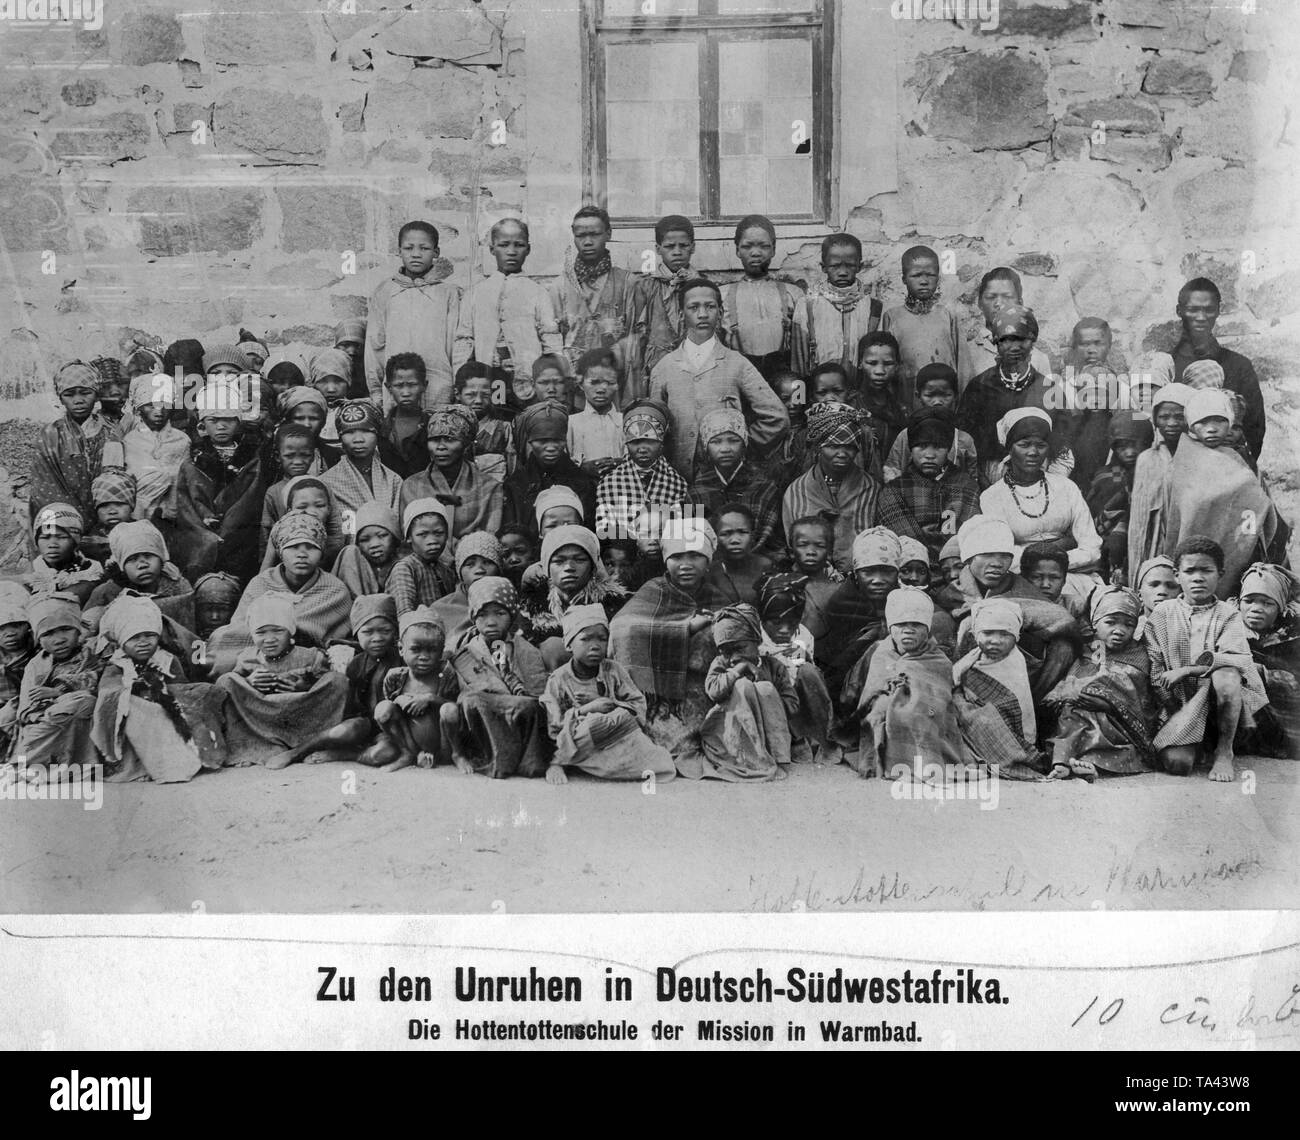 Deutsch-Südwestafrika 1884-1914: farbige Bevölkerung, Kolonien:, Deutschland, Deutsches Reich, , 01.01.1884-31.12.1914 | German Southwest Africa: natives, colonies: South West, Germany, empire, 01.01.1884-31.12.1914 - Stock Image